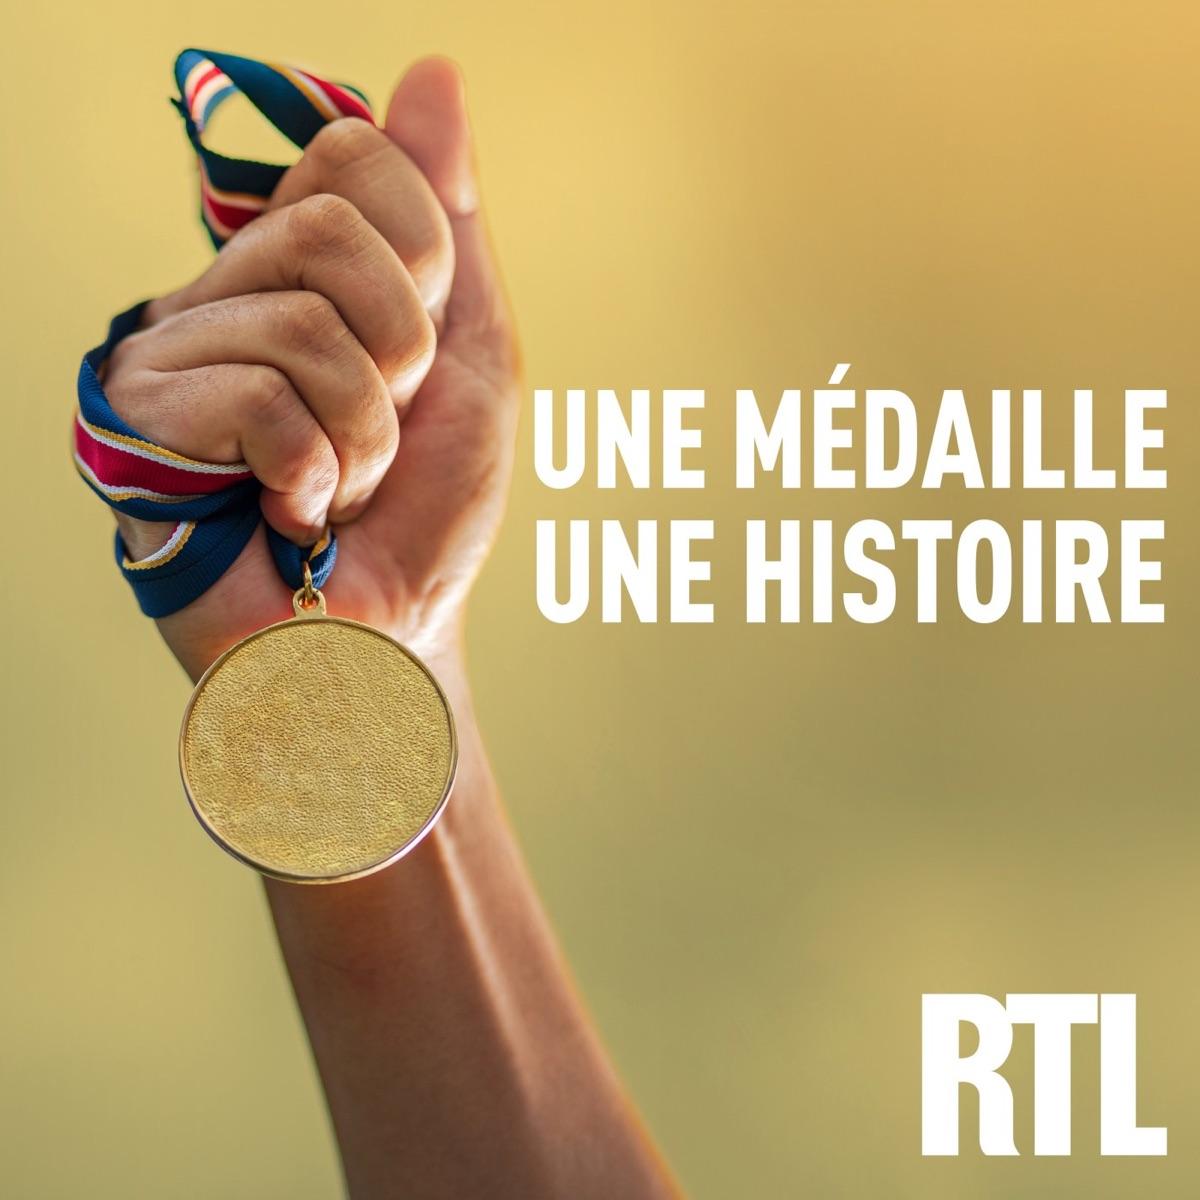 Une médaille, une histoire